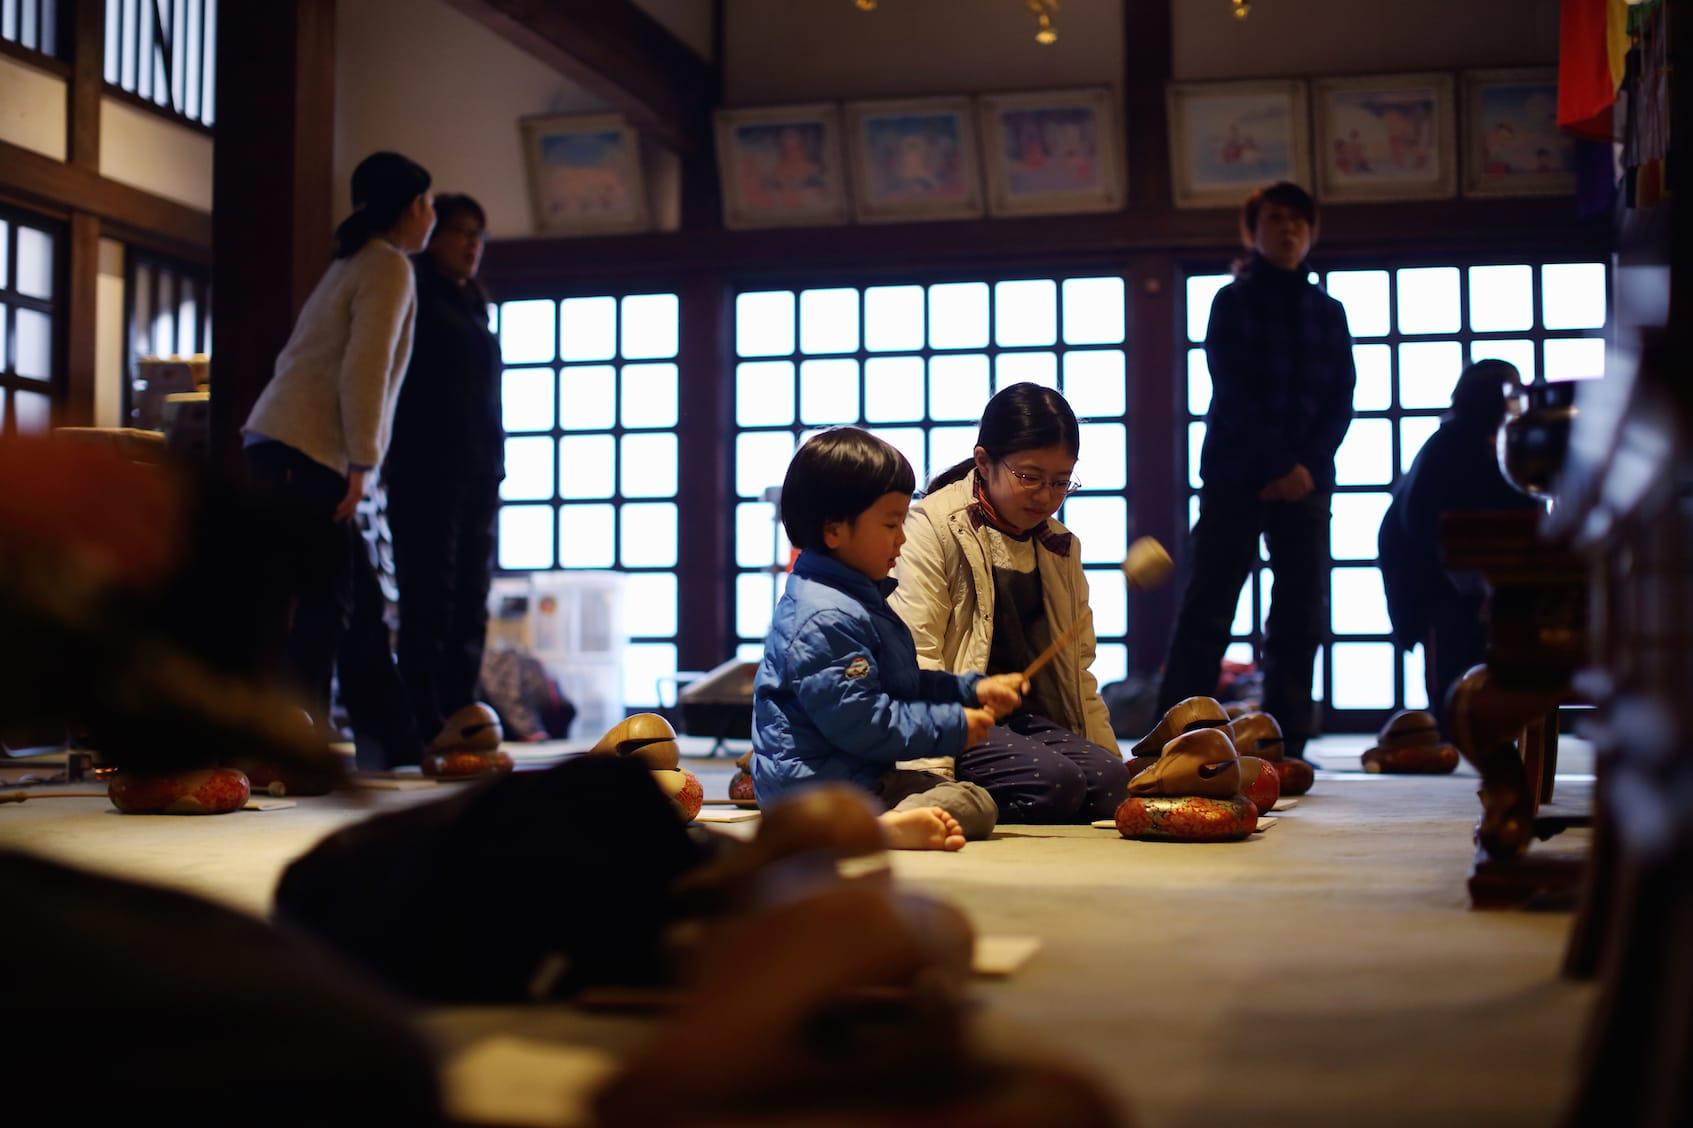 大切そうに木魚を抱えて仏前に座る3歳の男の子も。大人も並んで座り、木魚を叩きながらの読経。井上さんに続いて読み上げるにつれて集中力が高まる。